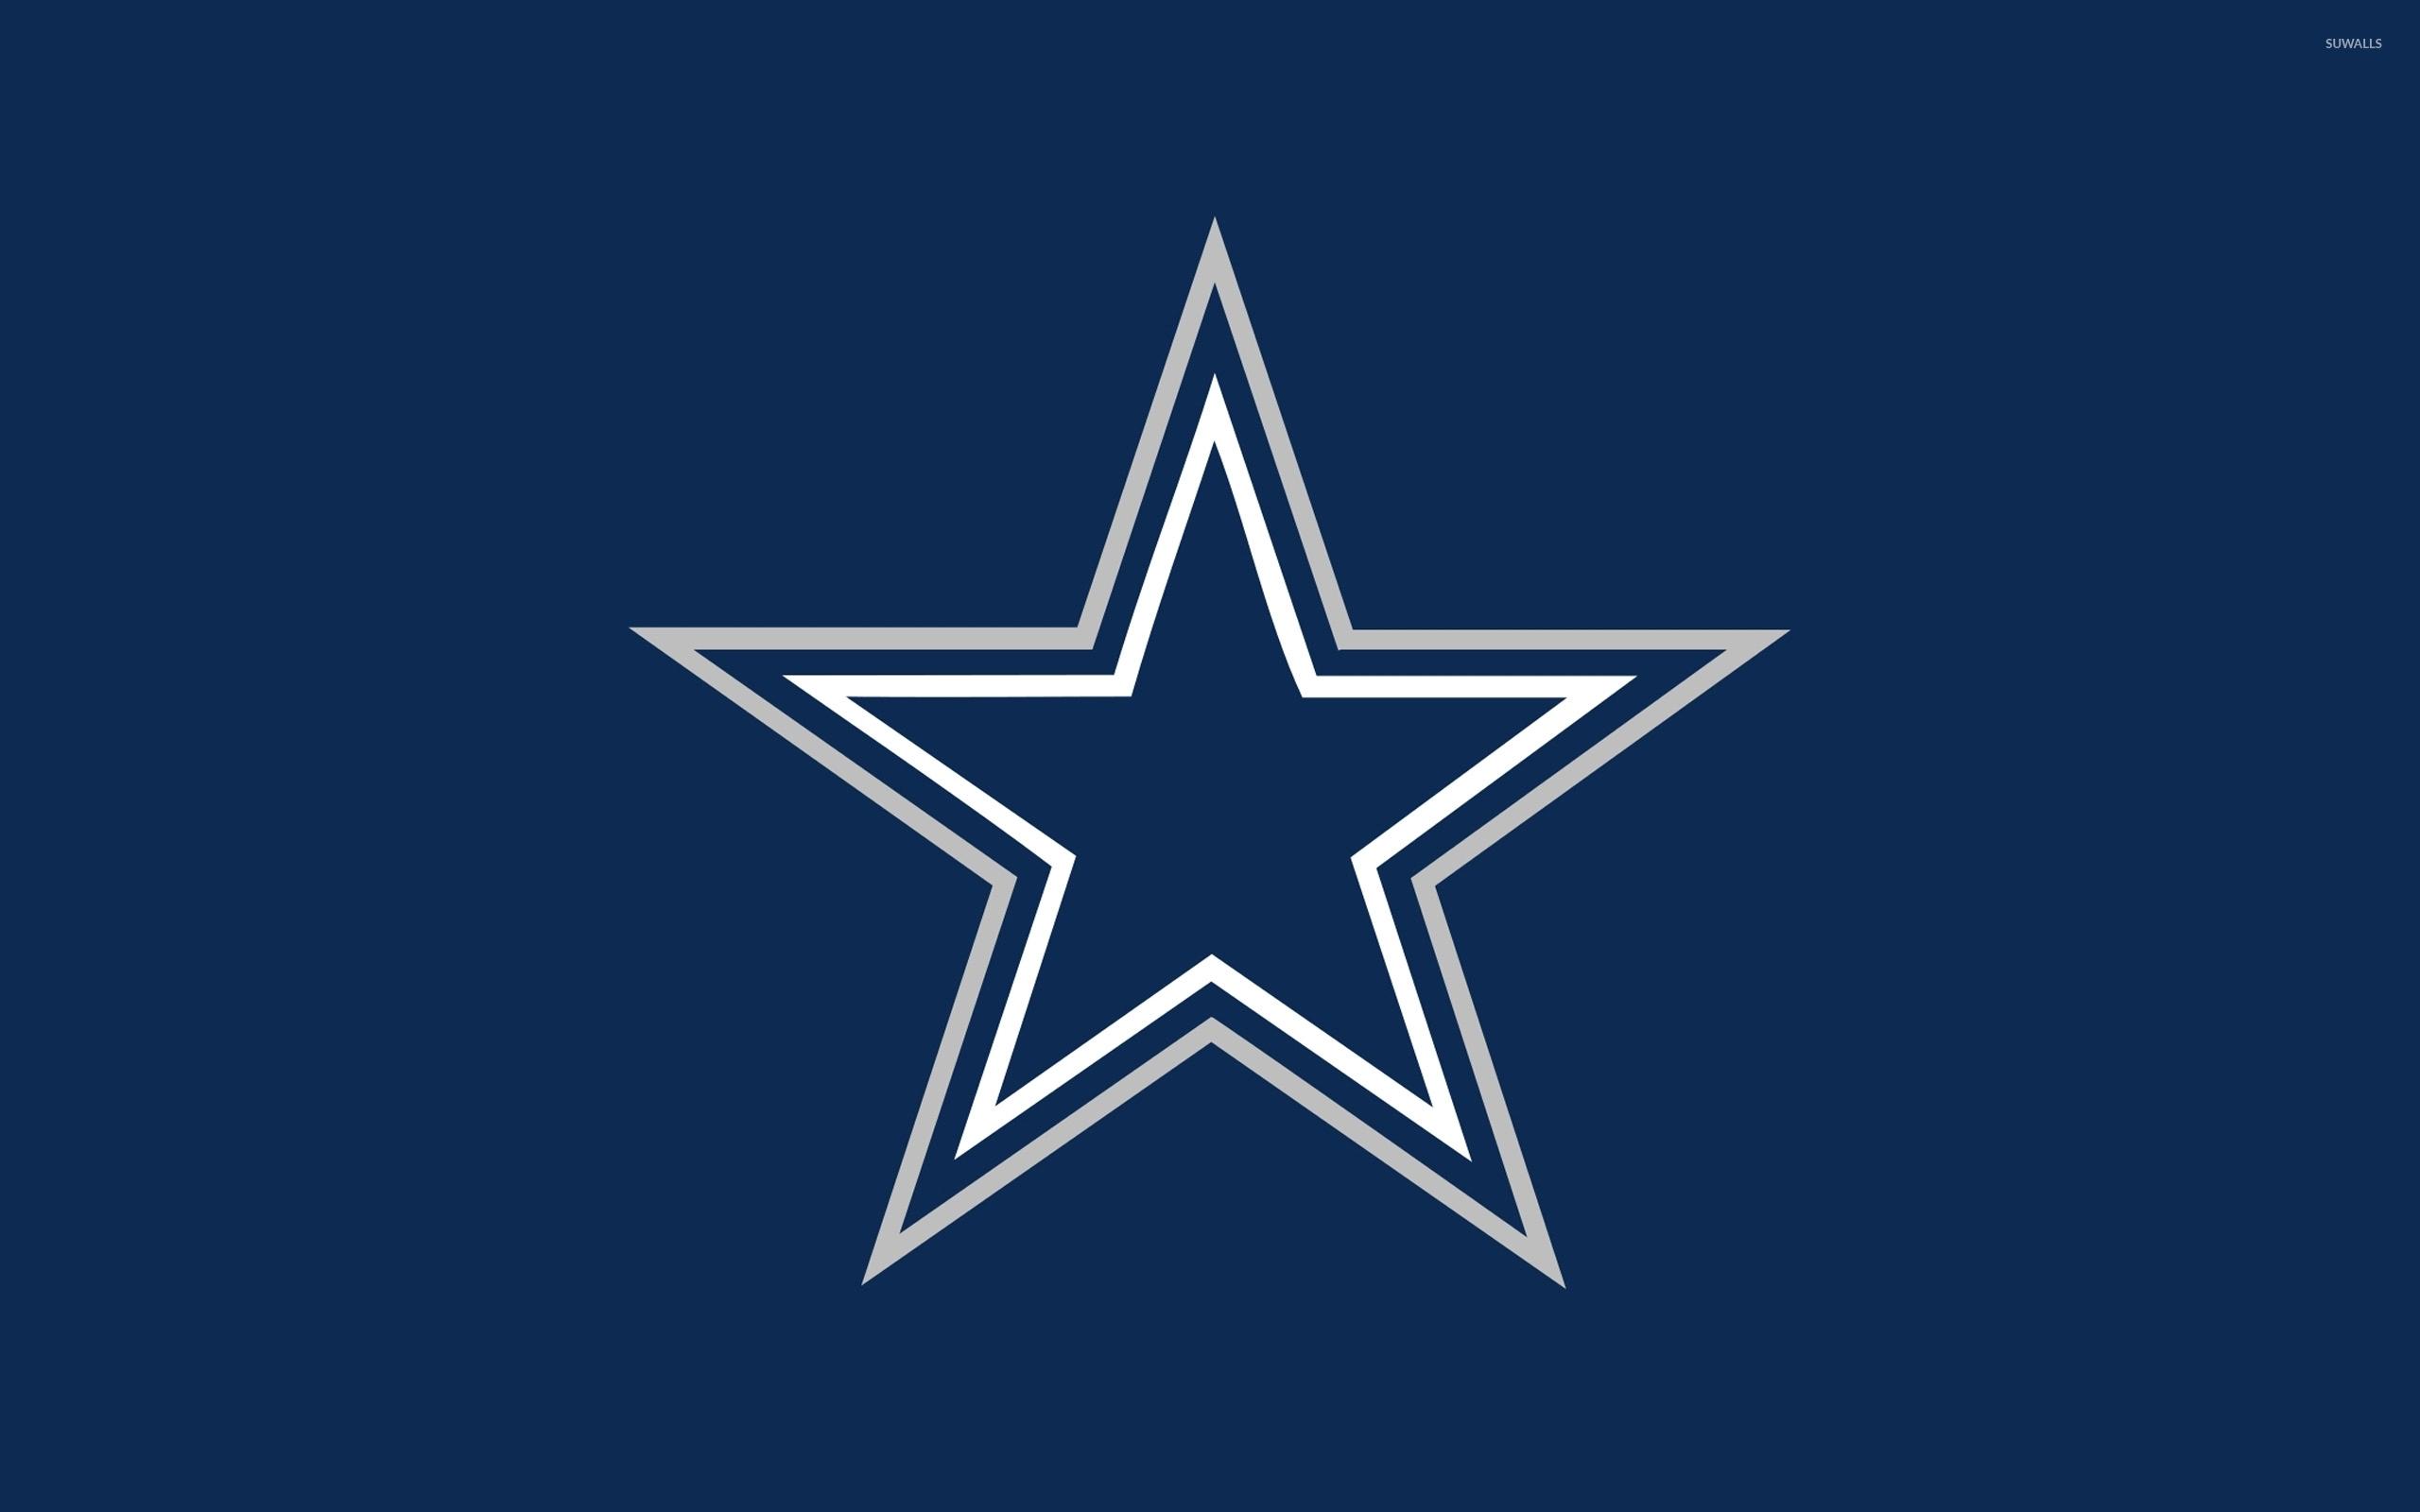 dallas cowboys wallpaper sport wallpapers 33085 rh suwalls com dallas cowboy star logo download dallas cowboys logos download free